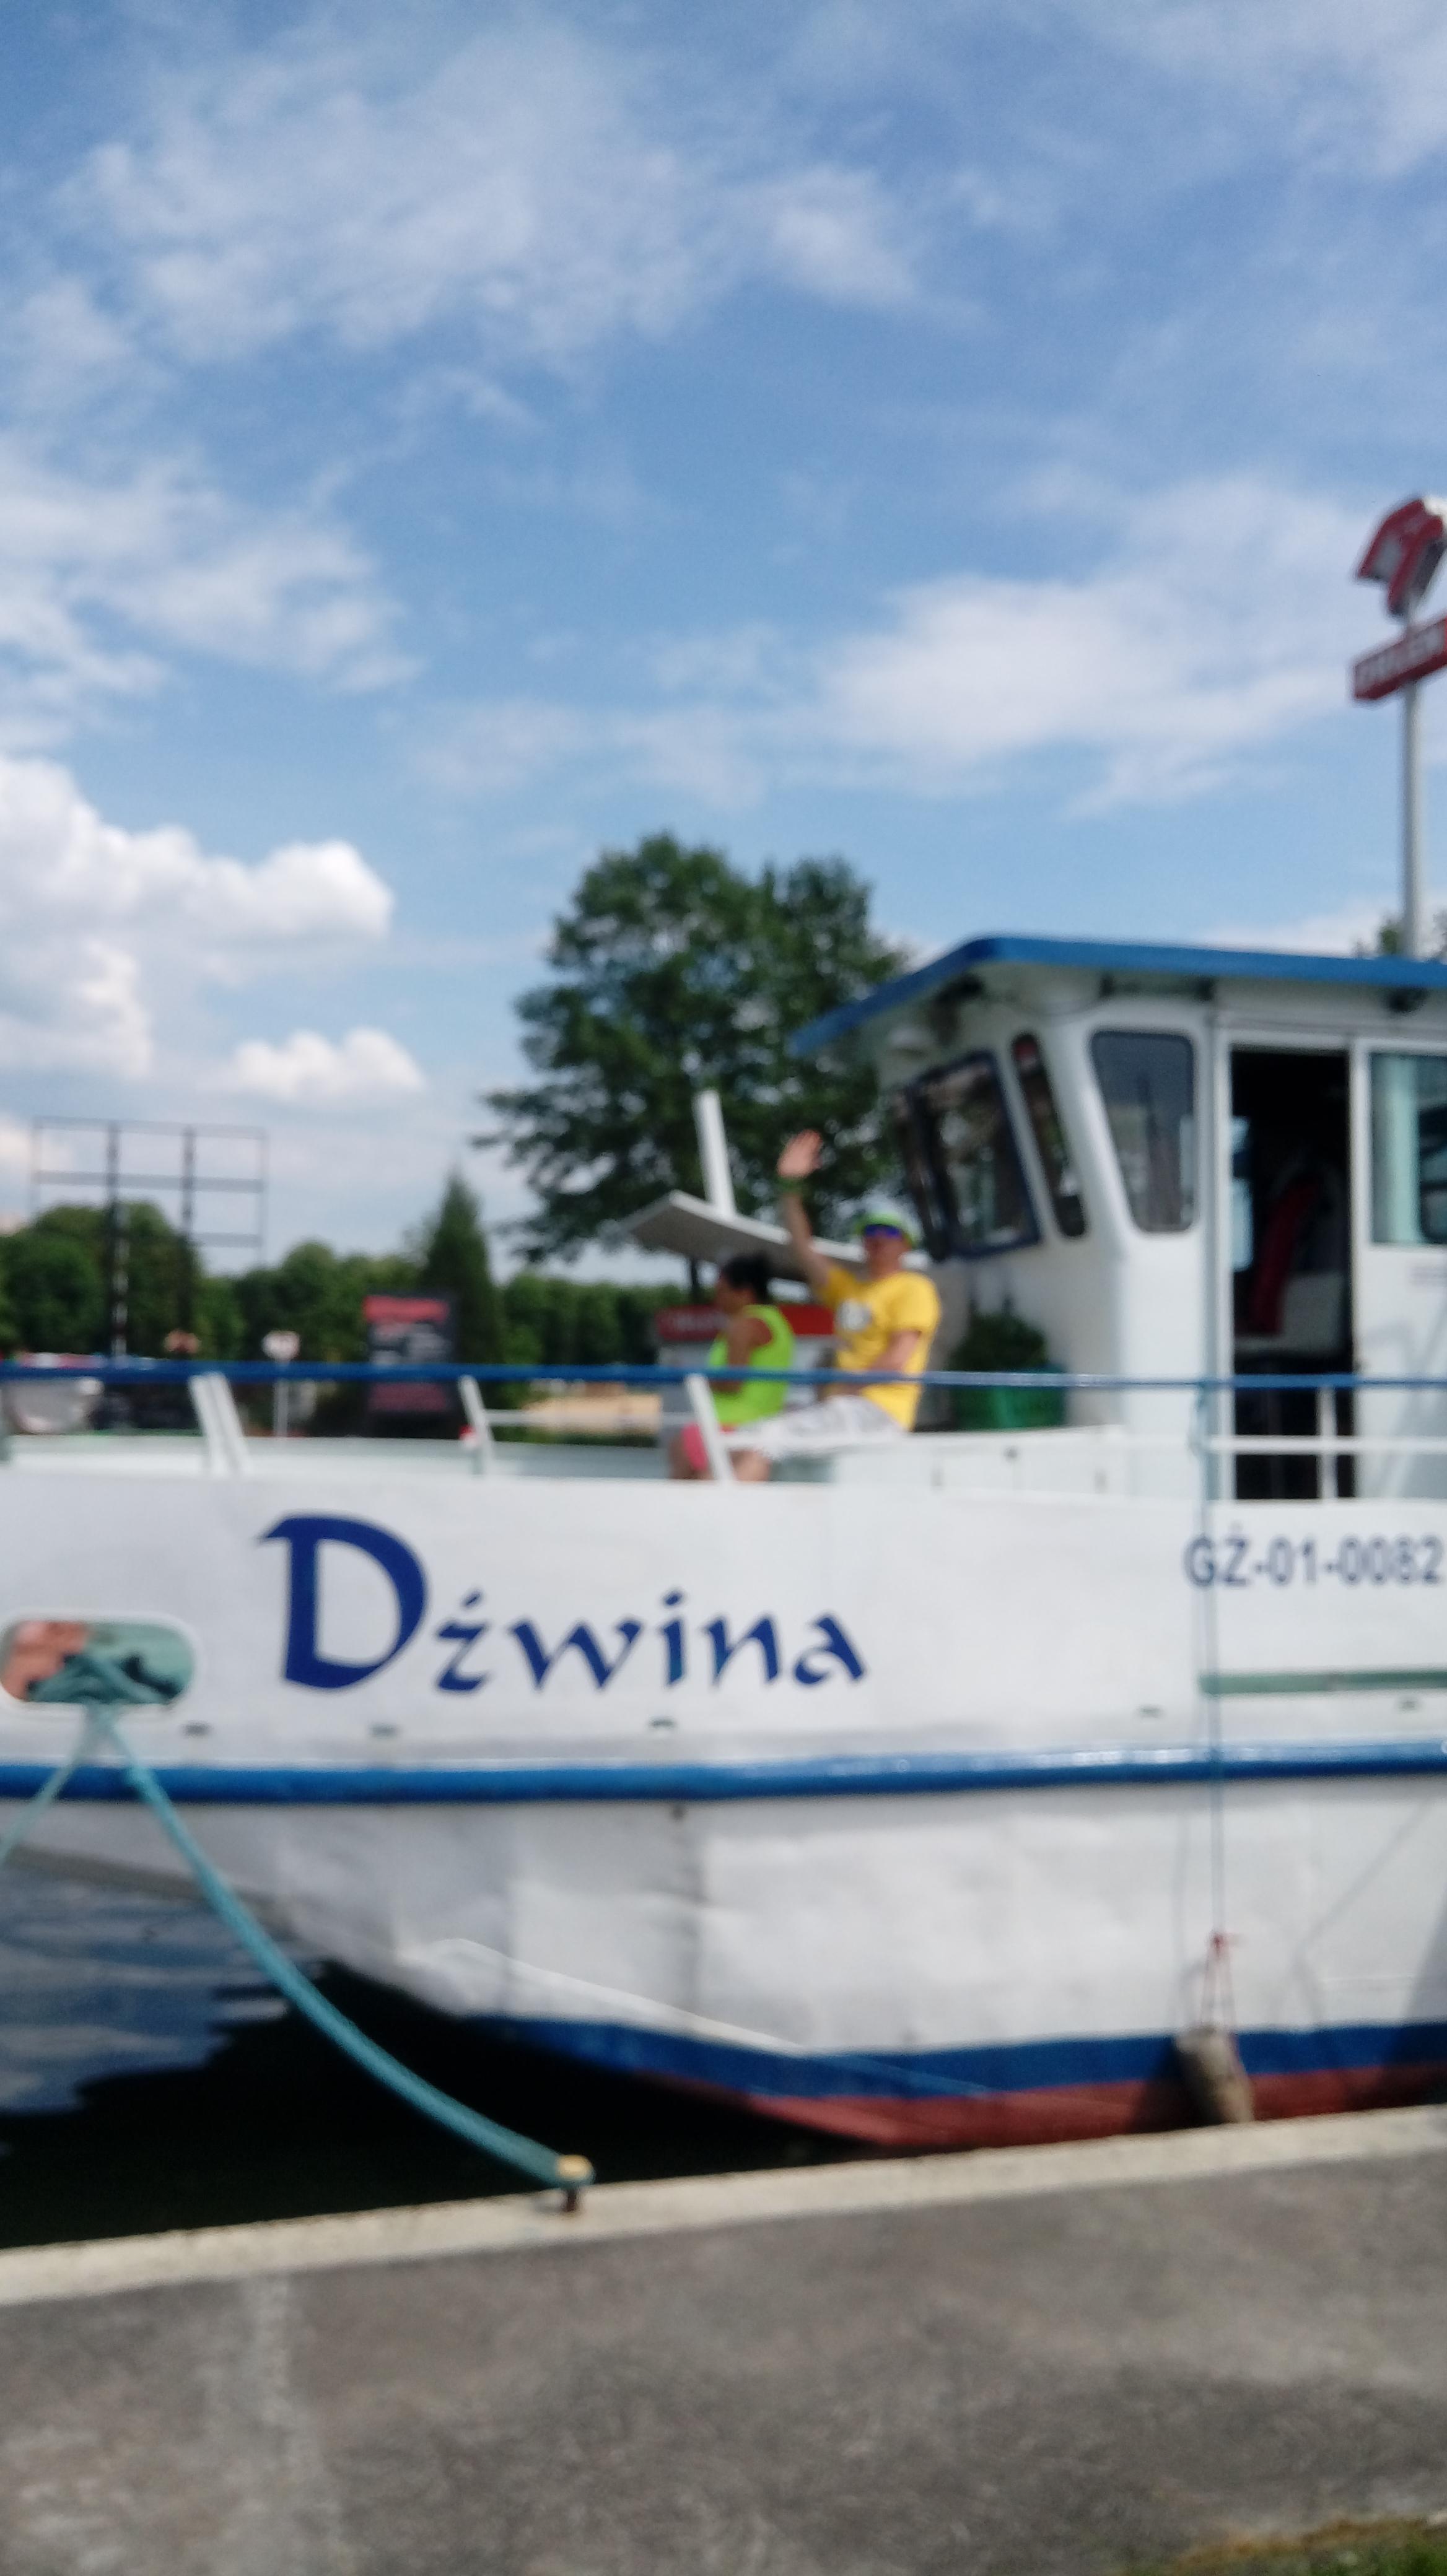 1. Nasz statek- Dźwina